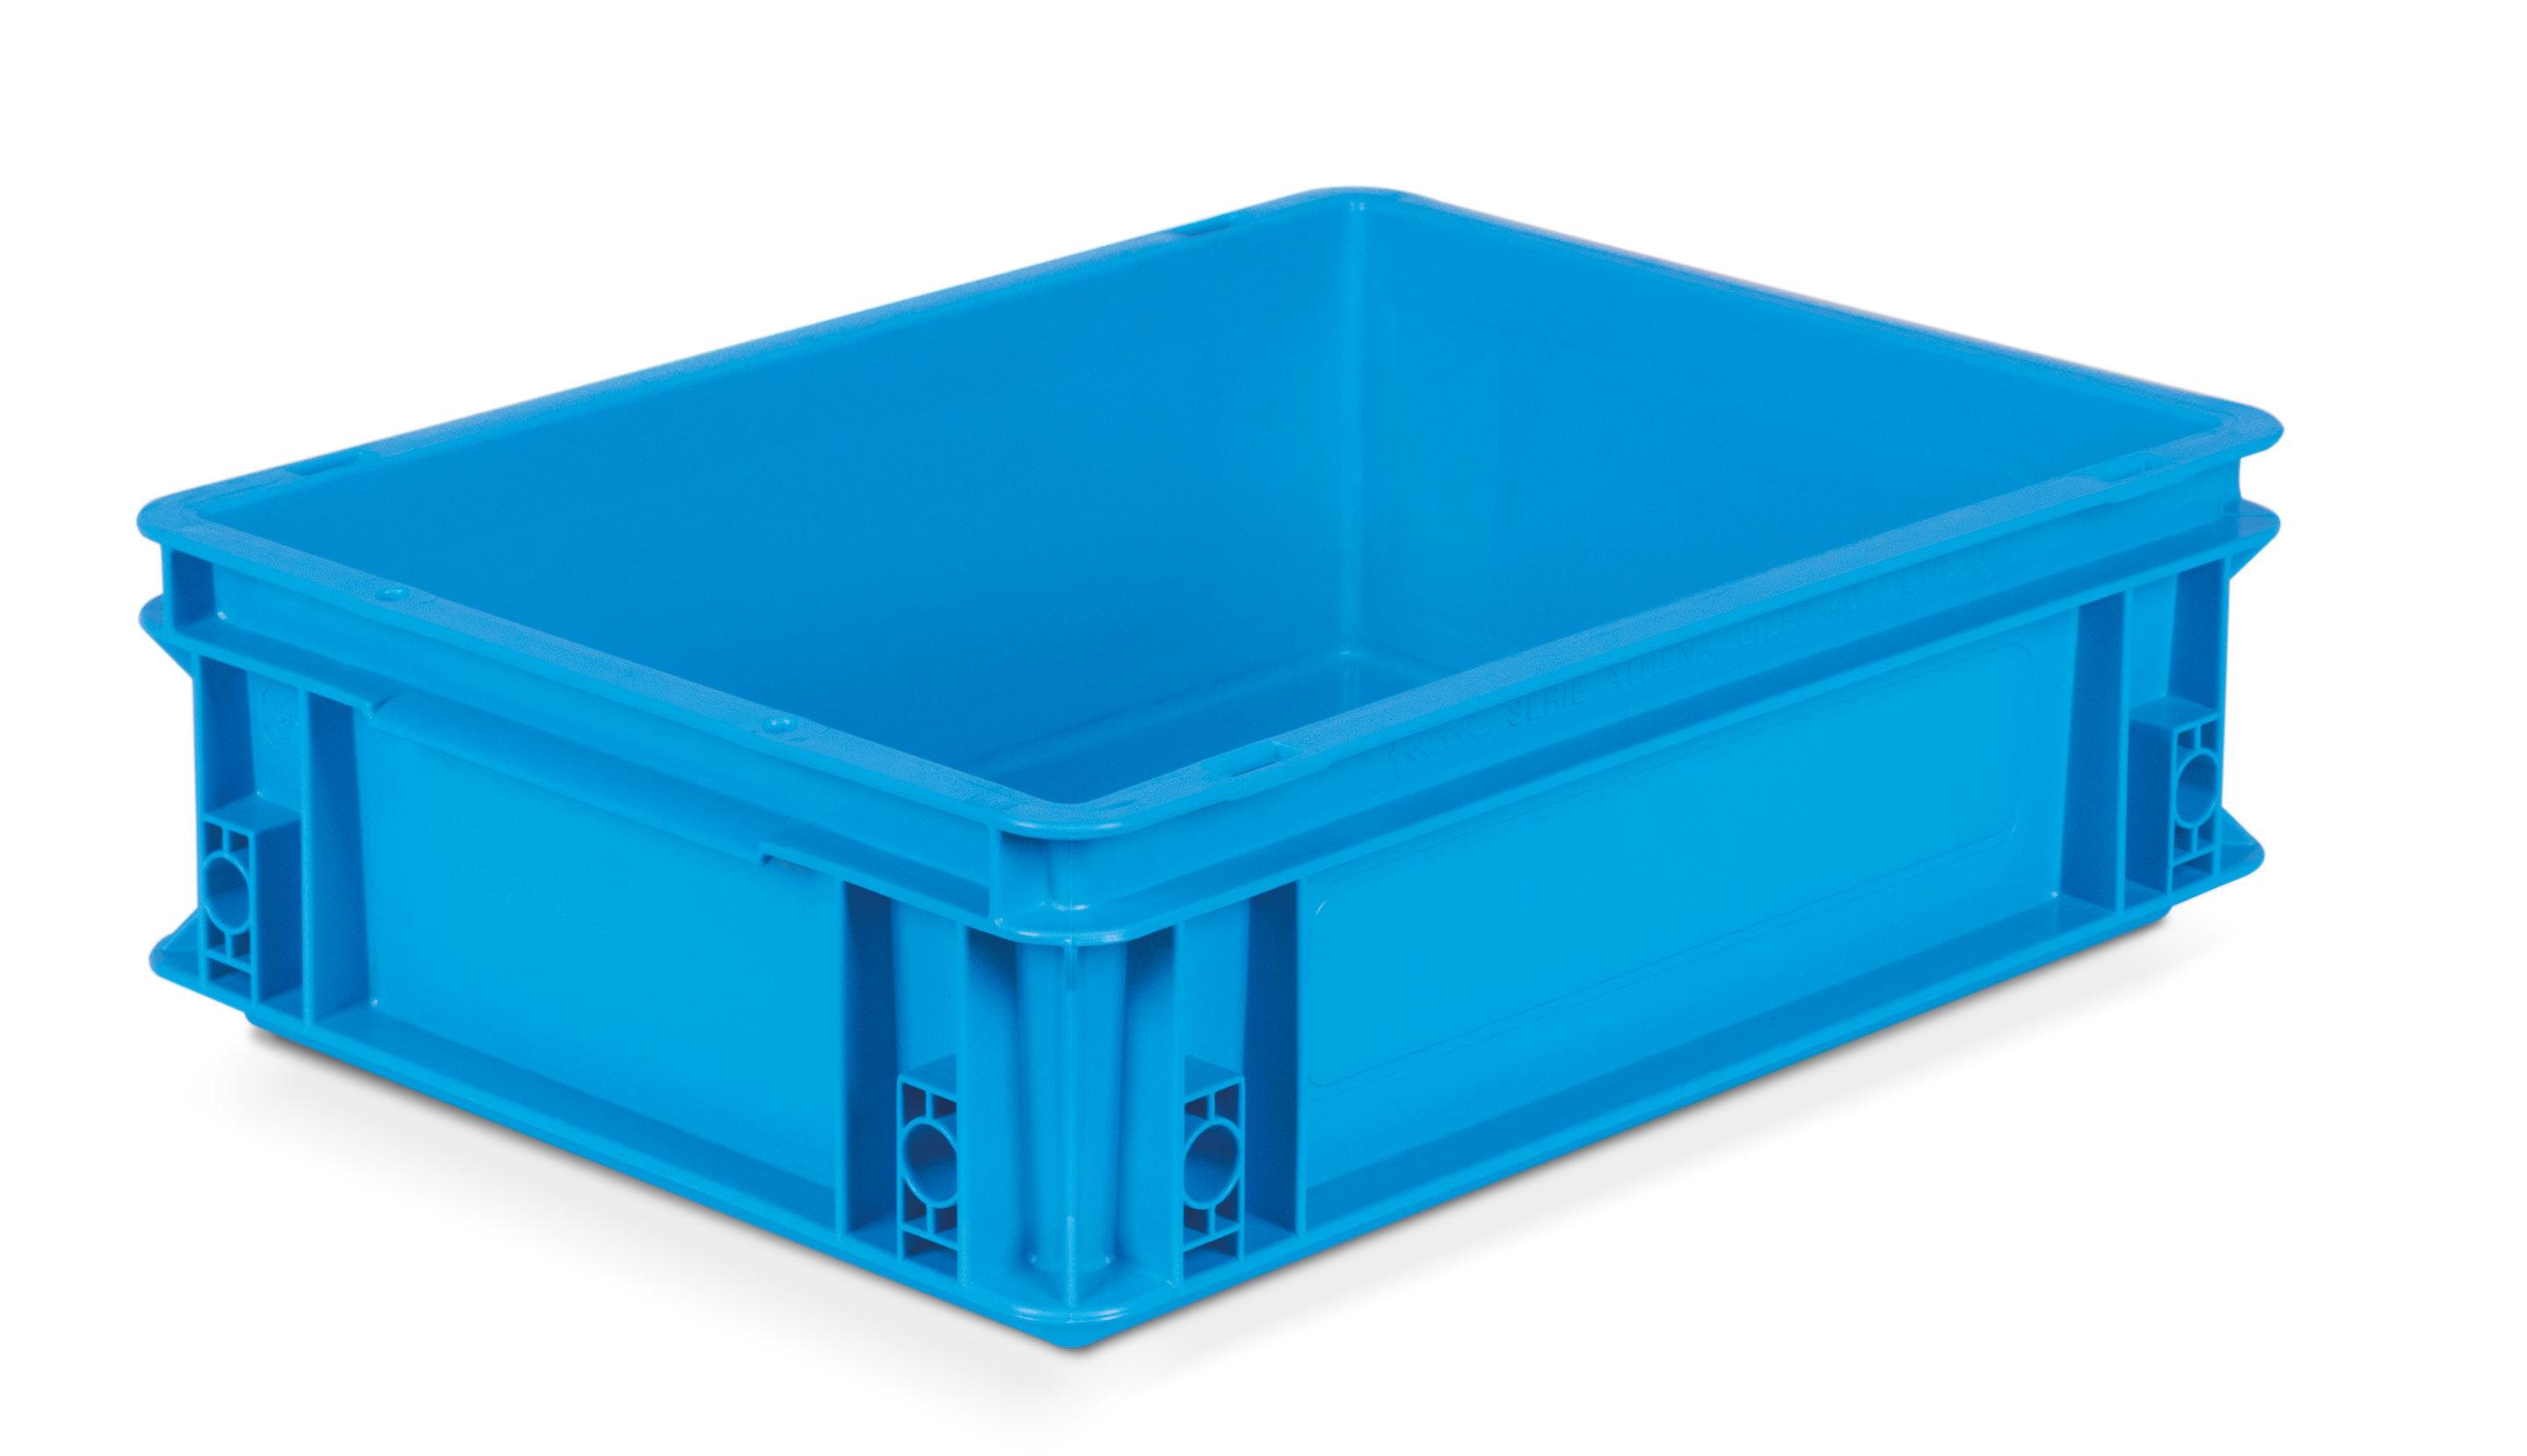 SETAM Caisse plastique Europe 400x300 coloris Bleu 10 litres